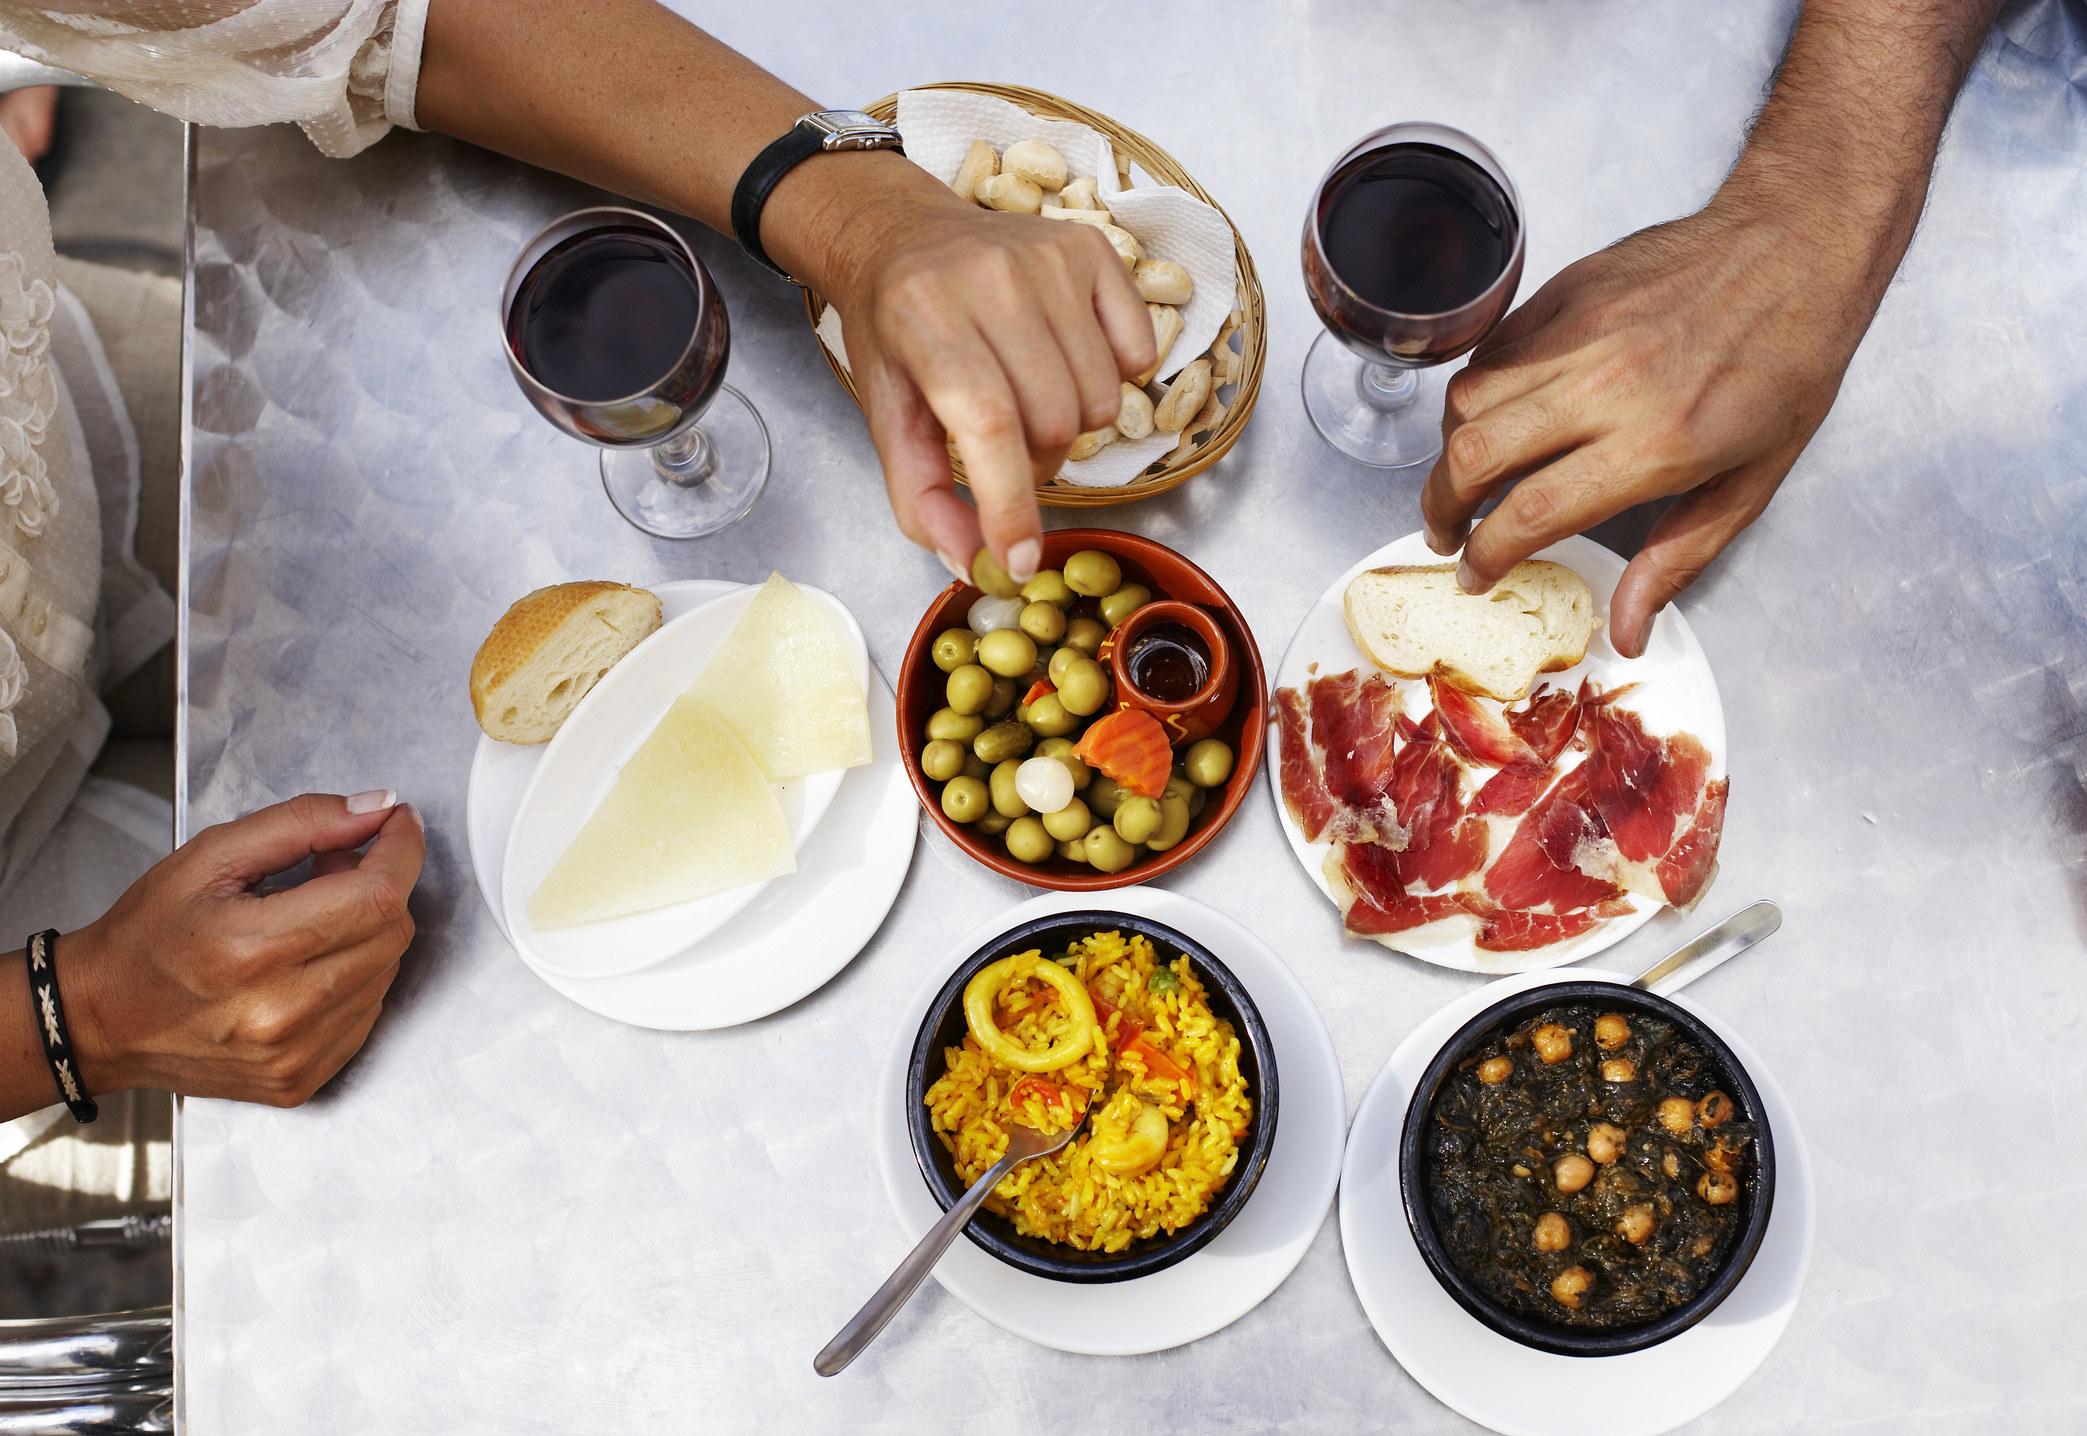 People eating tapas in Spain.